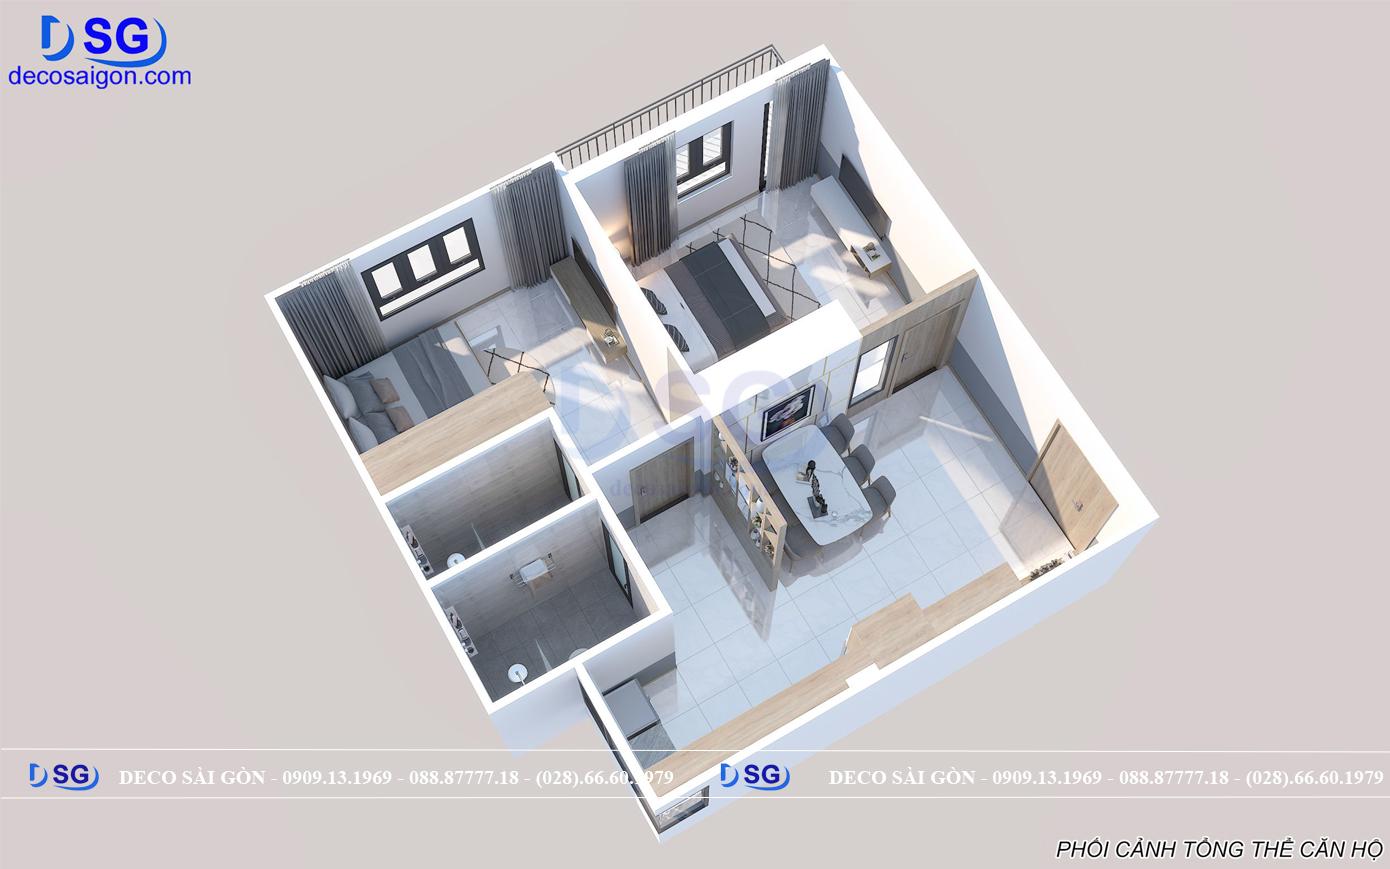 Bản vẽ mặt bằng thiết kế nội thất nhà anh Vân quận 10